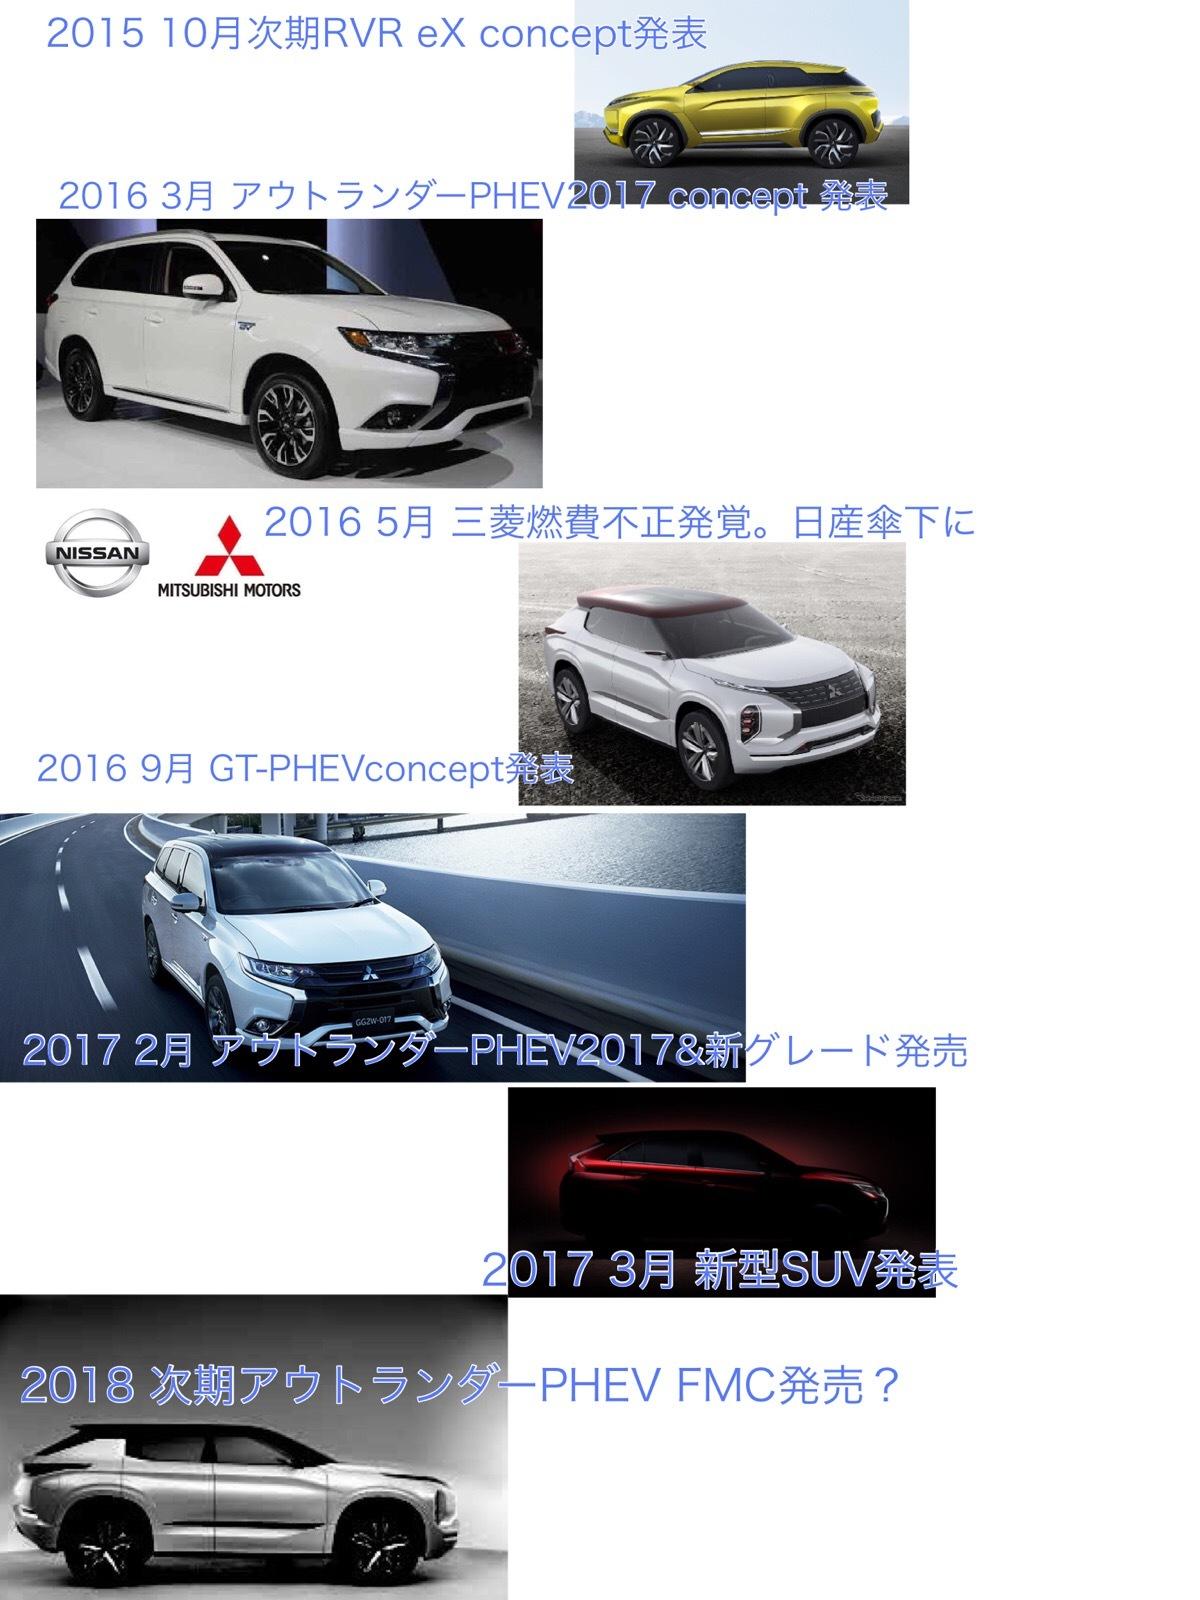 三菱アウトランダーPHEV2017発売 次期アウトランダーPHEV2018 フルモデルチェンジ